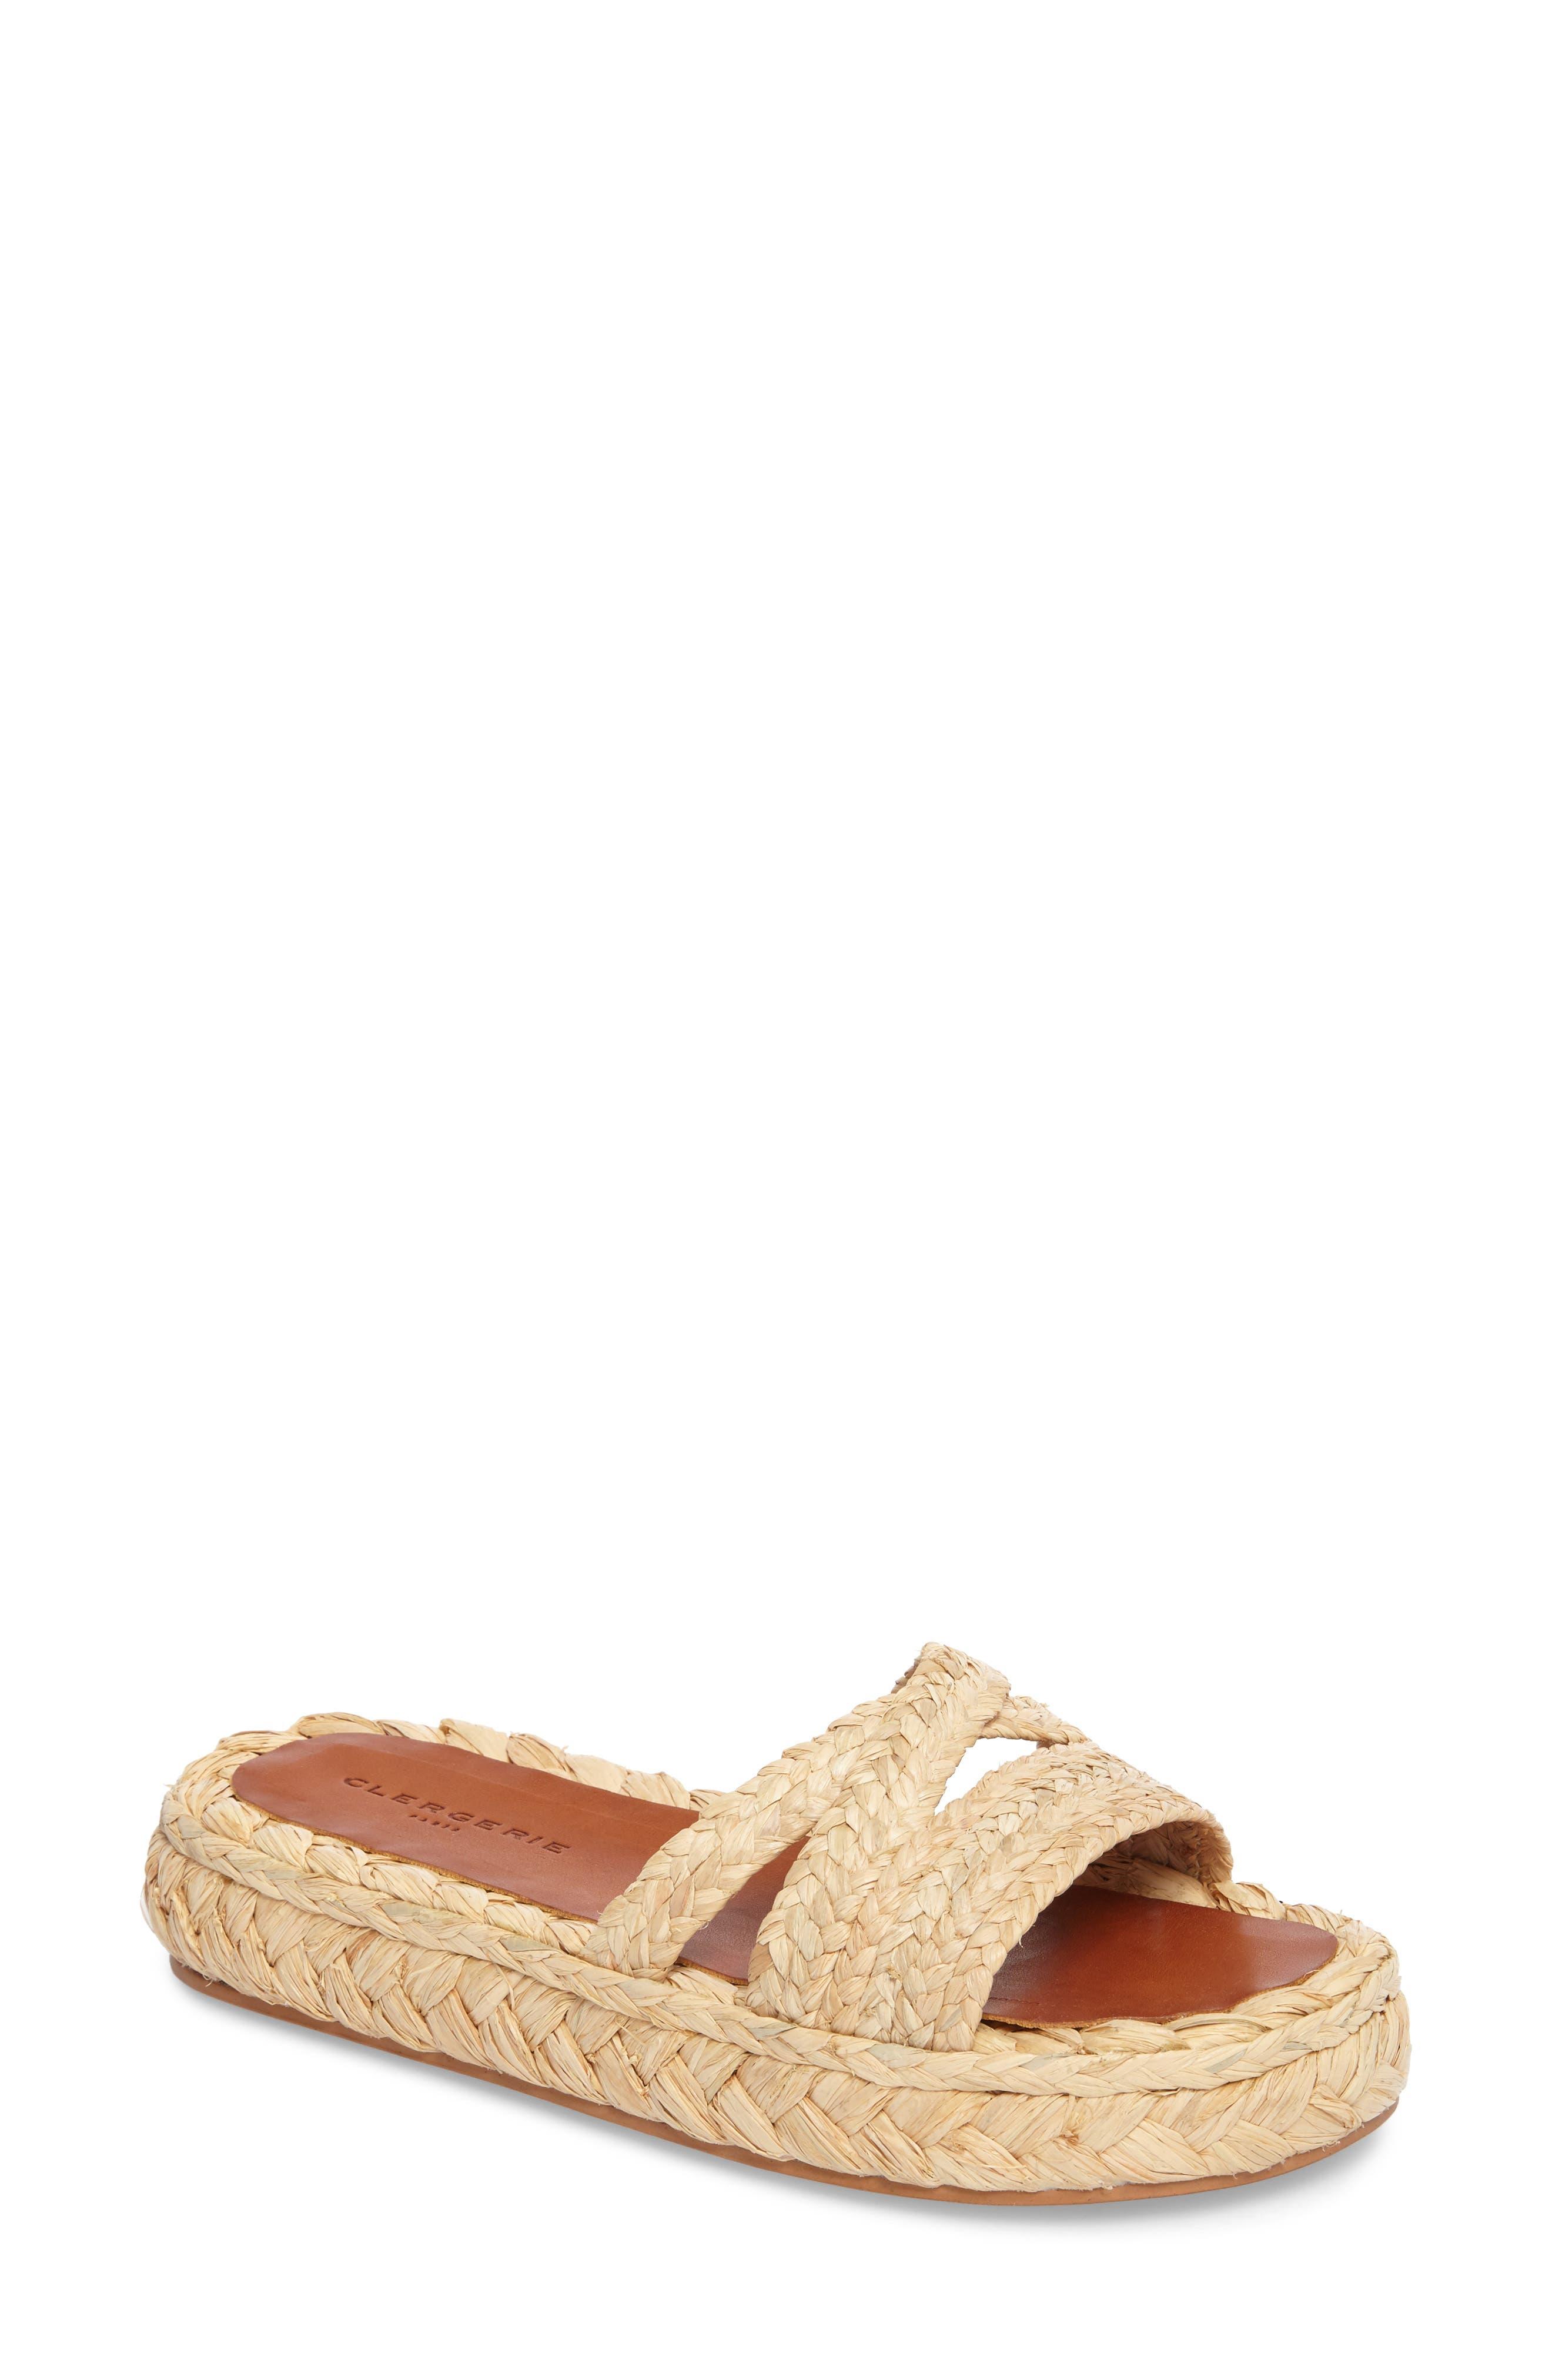 Idalie Woven Slide Sandal,                             Main thumbnail 1, color,                             Tan